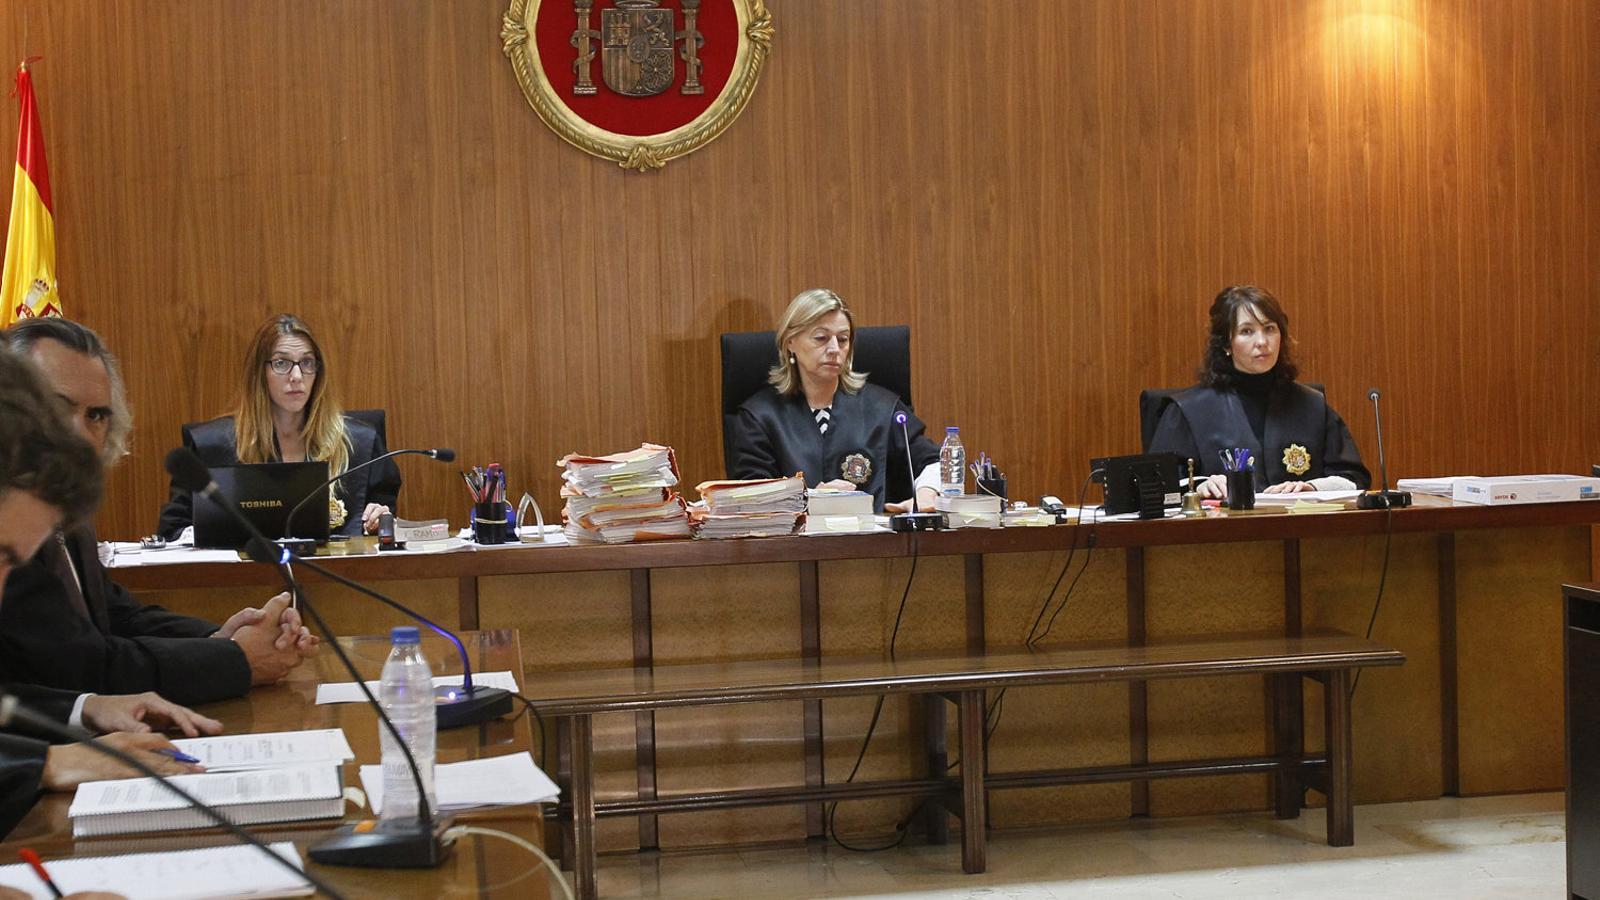 El sostre de vidre als jutjats: un 69% de dones i cap presidenta del TSJIB ni de l'Audiència